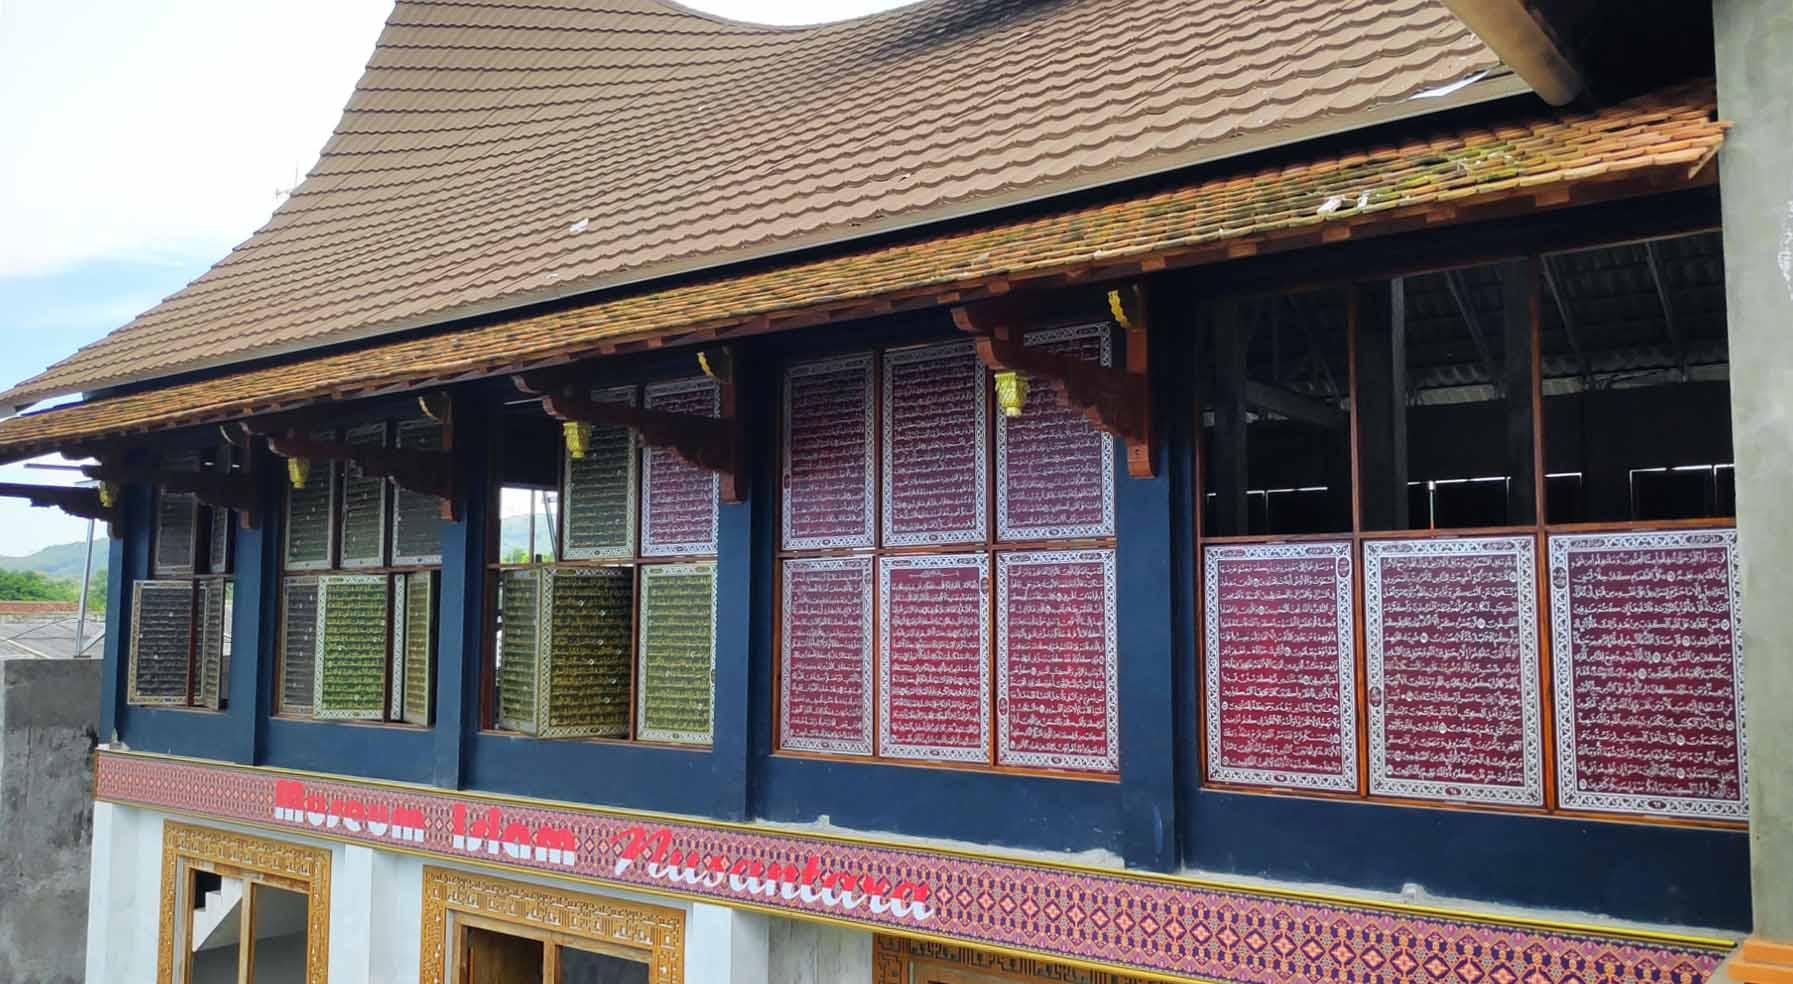 Unik, Museum Berbentuk Rumah Gadang Dengan Jendela Berukir Al Quran di Rembang